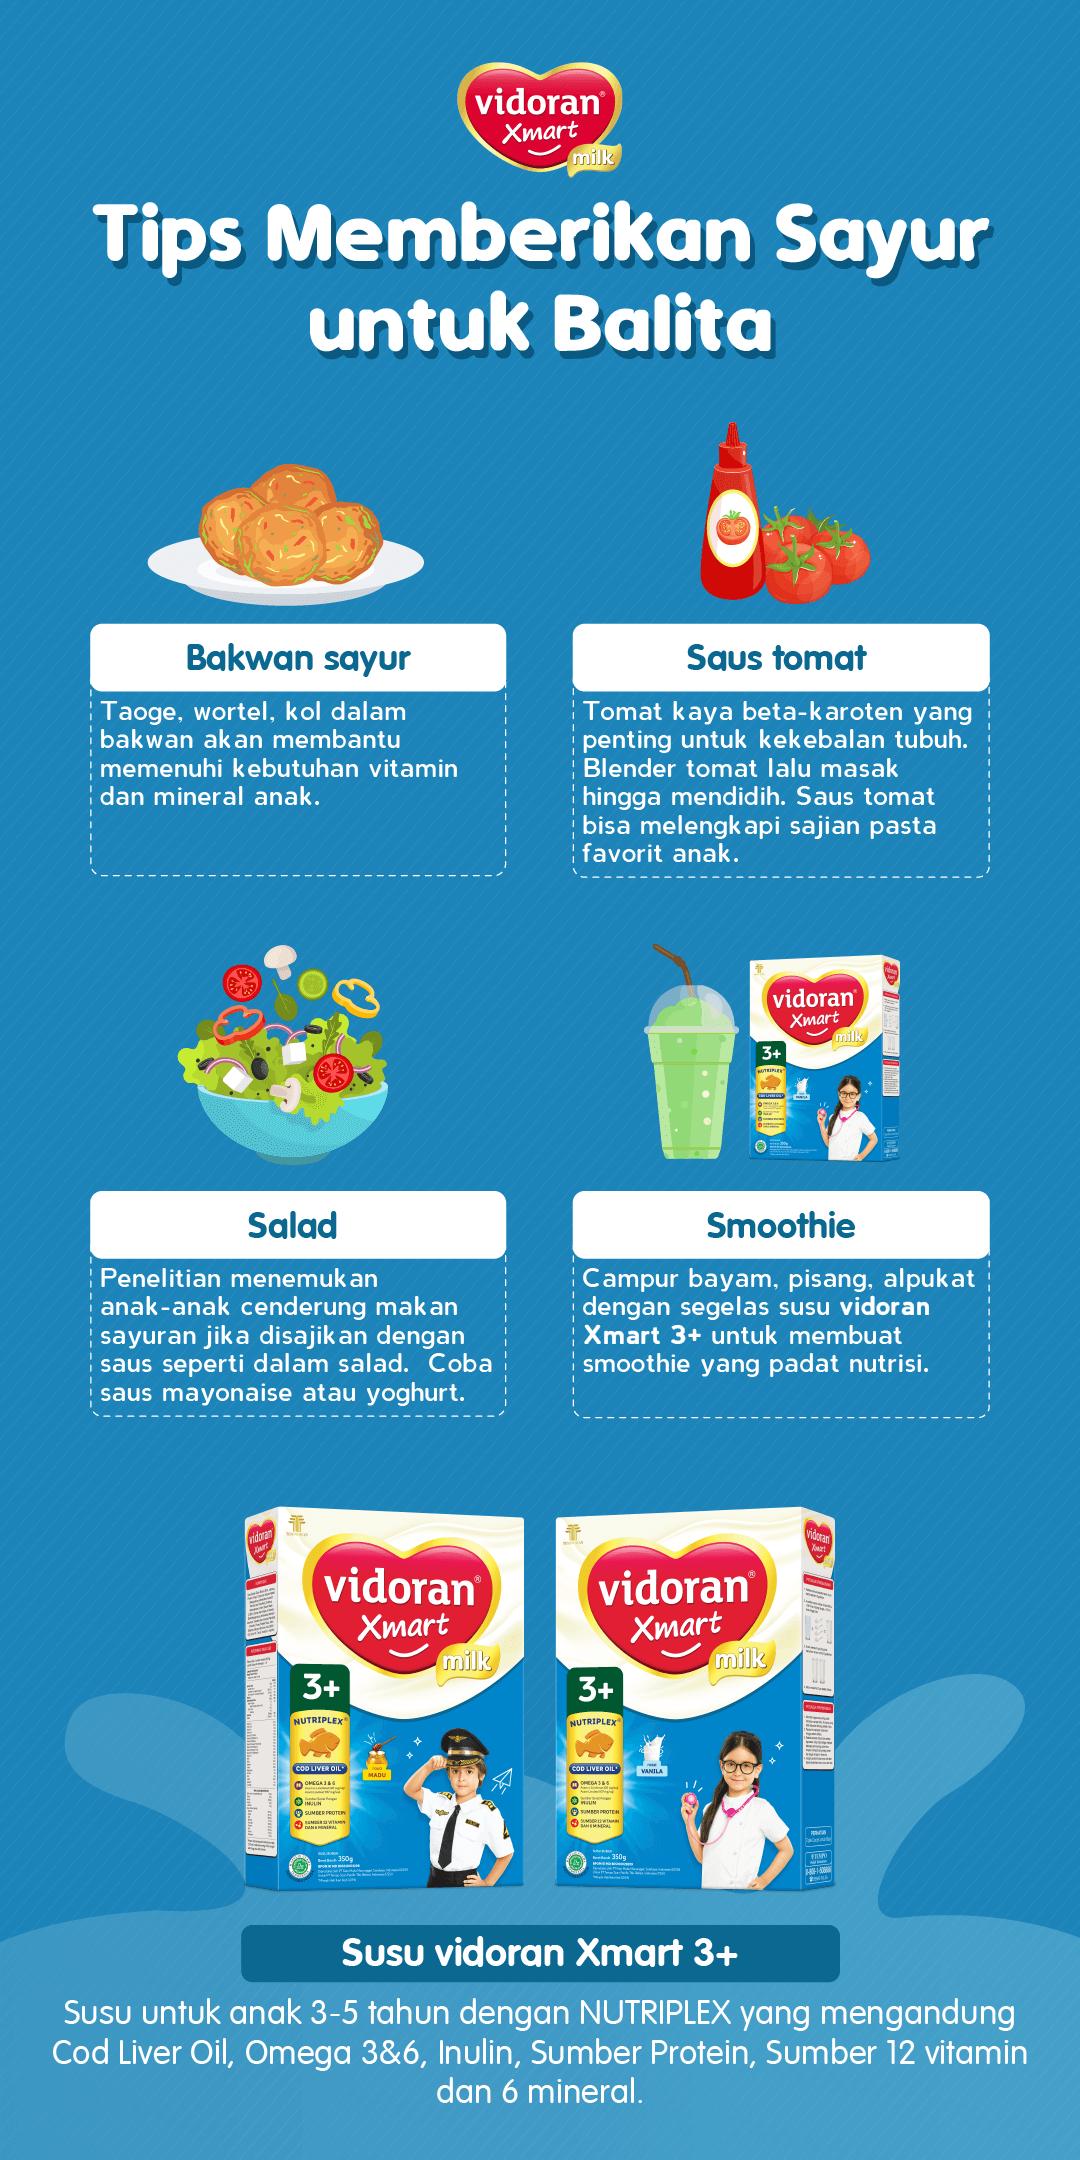 Tips Memberikan Sayur untuk Balita